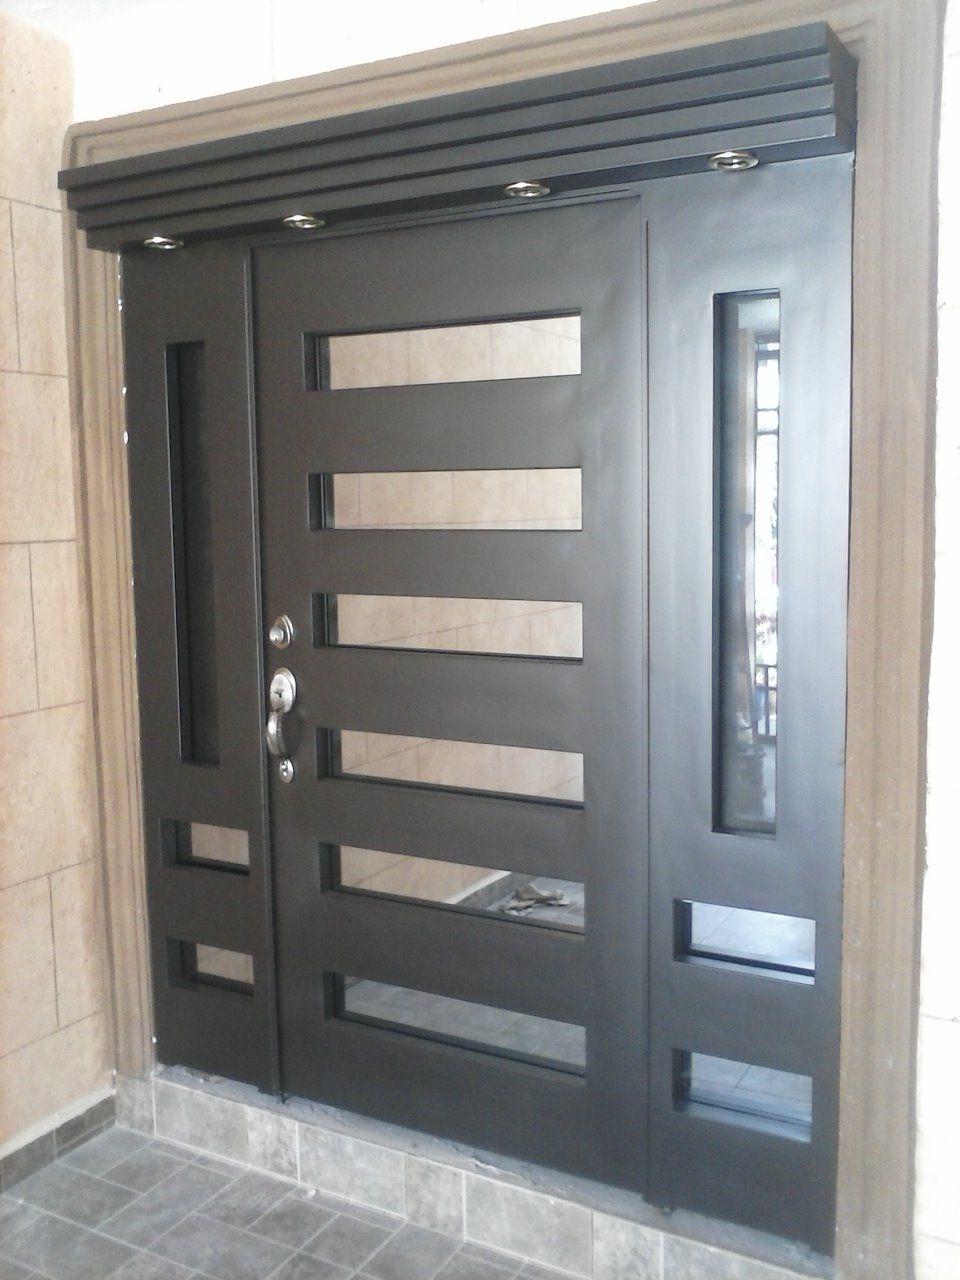 Puertas Principales Forja Contemporaneas Herreria Genuardis Portal Puertas Principales De Aluminio Diseno De Puertas Modernas Puertas Principales